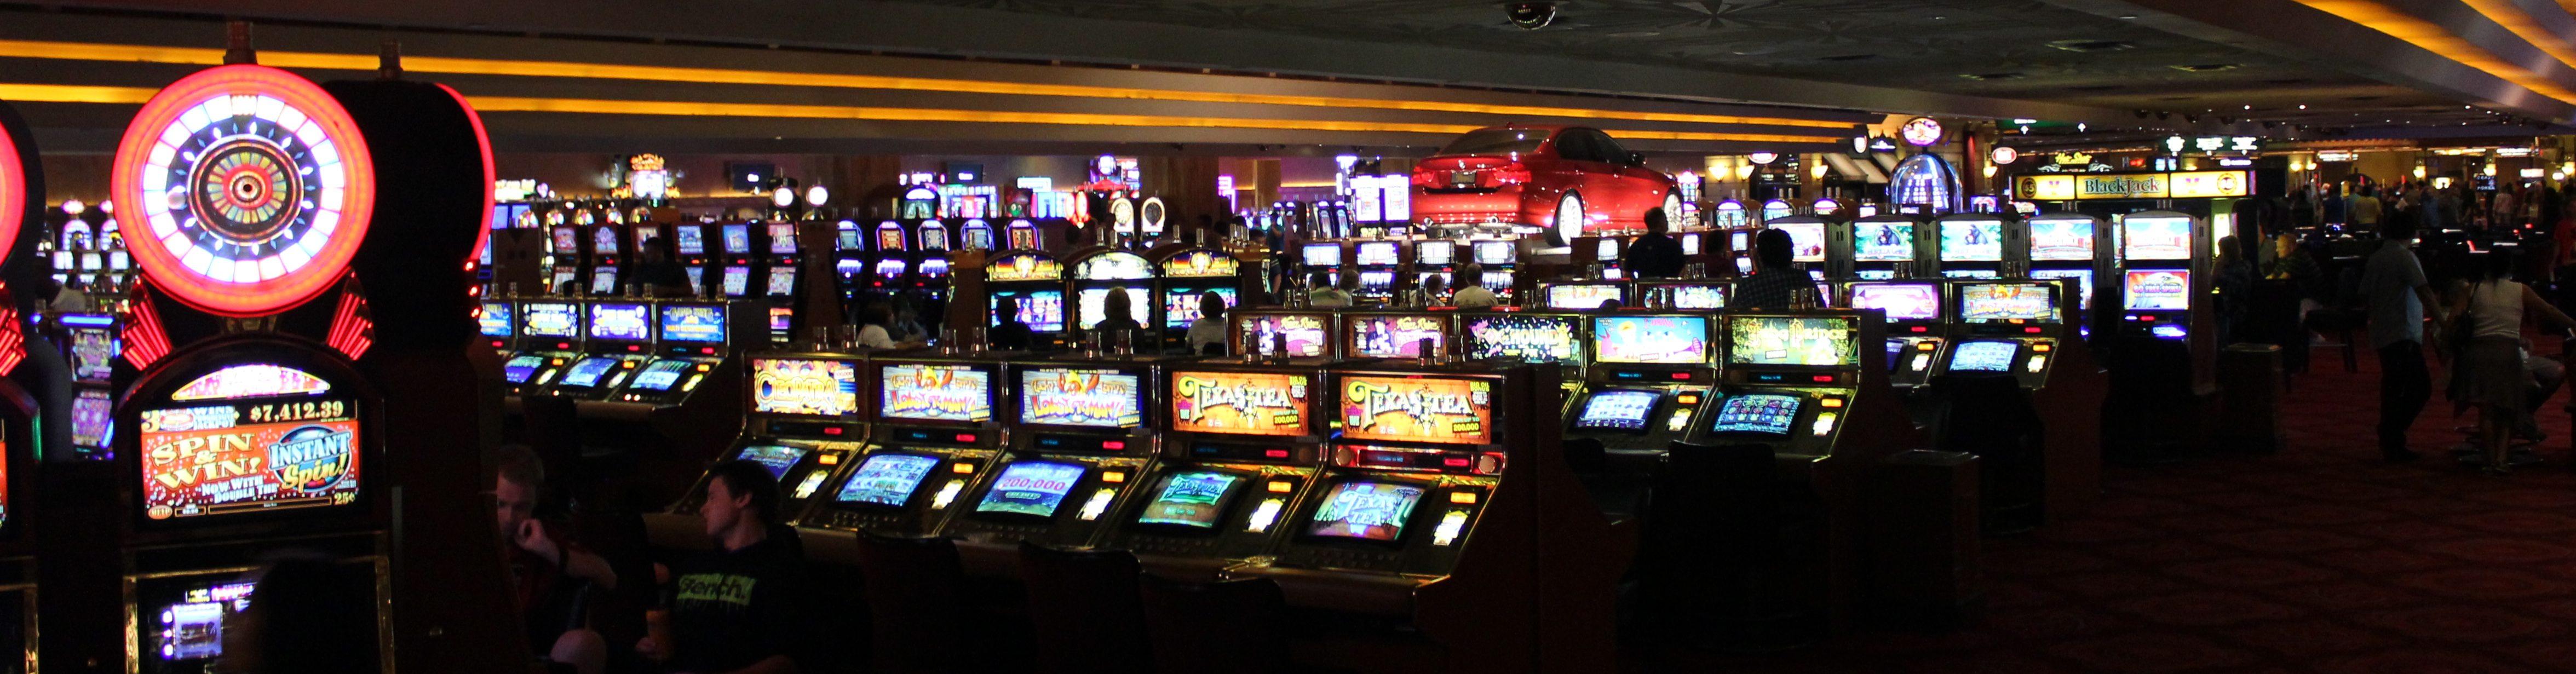 Casino Floor, Slot Machines, Spielautomaten, Gambling,